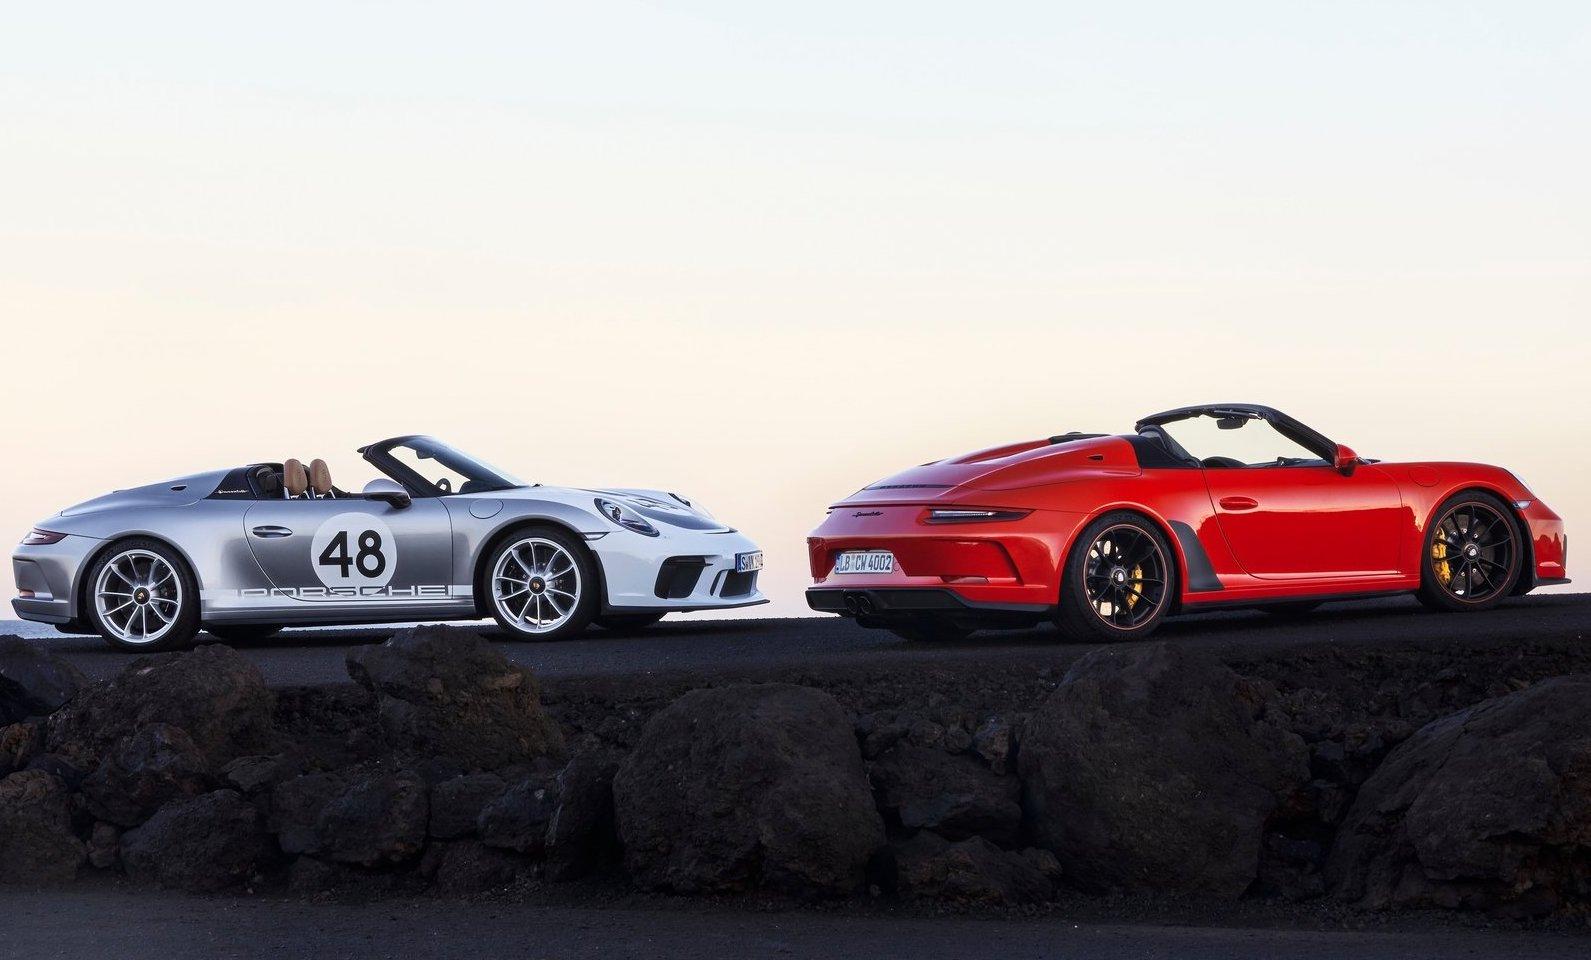 Porsche Cayenne Gts For Sale >> 2020 Porsche 911 Speedster now on sale in Australia ...